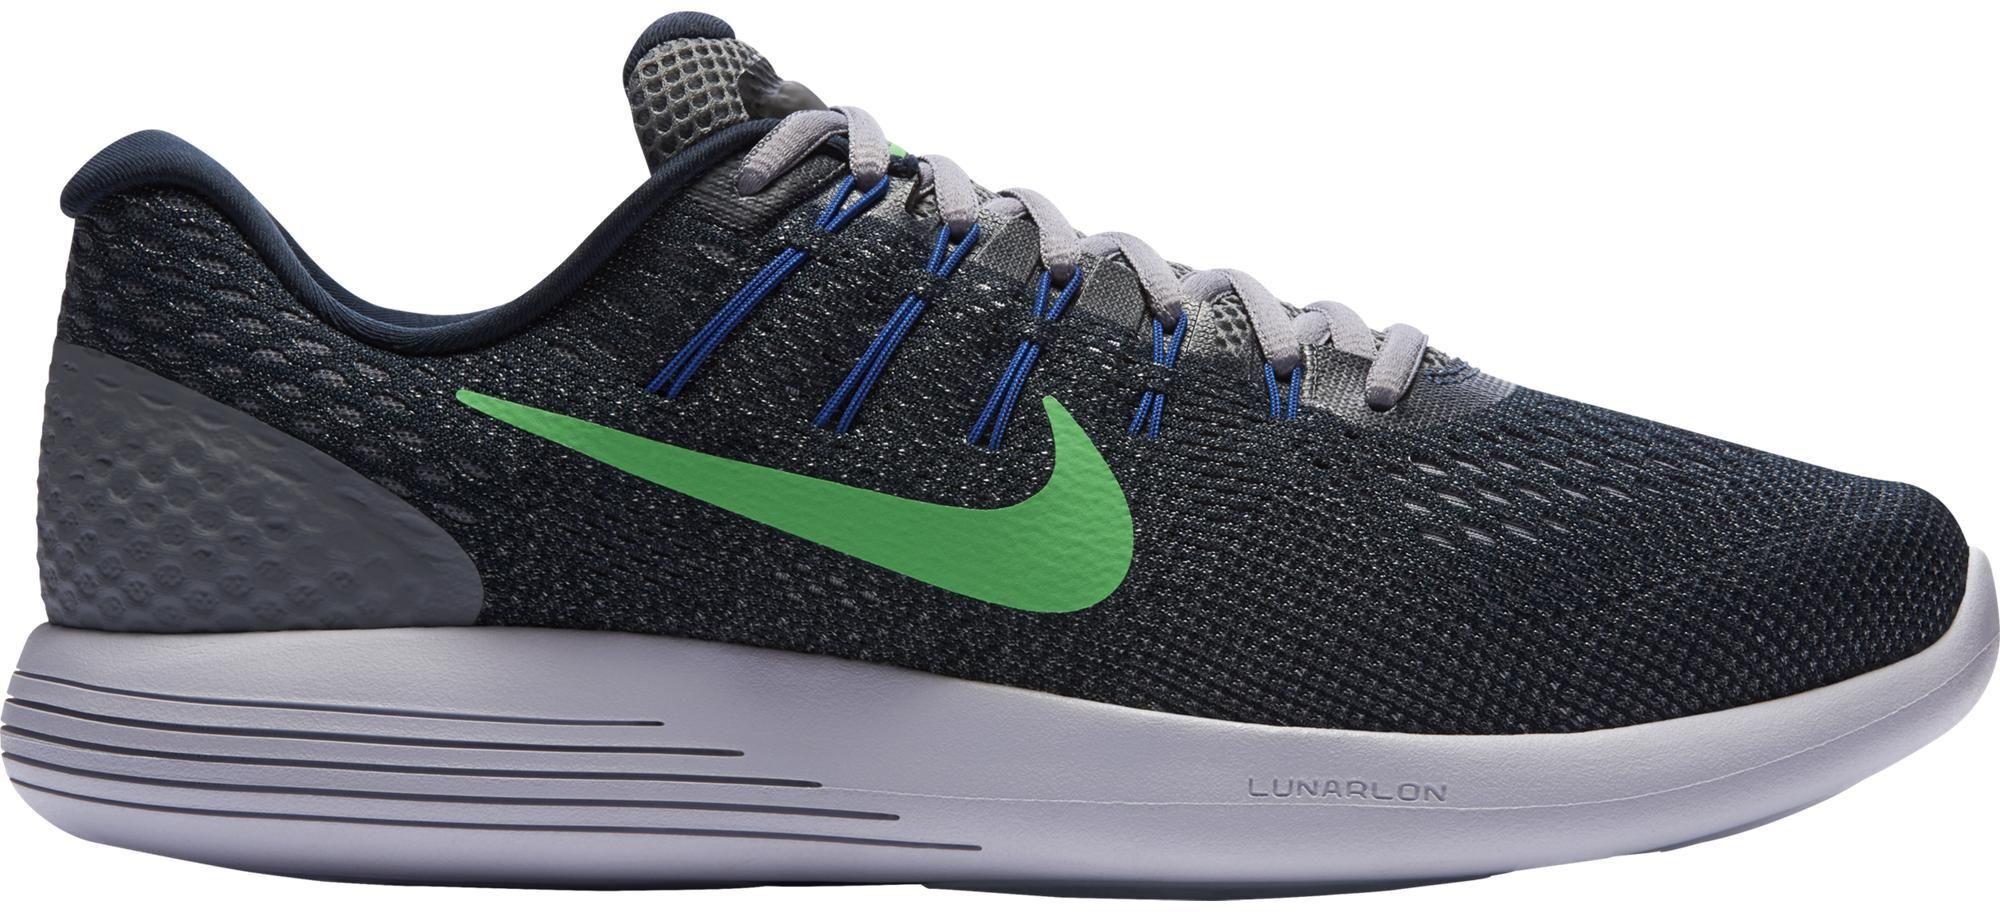 Nike - Chaussures Lunaires De Course Apparents - Hommes - Chaussures - Bleu - 42,5